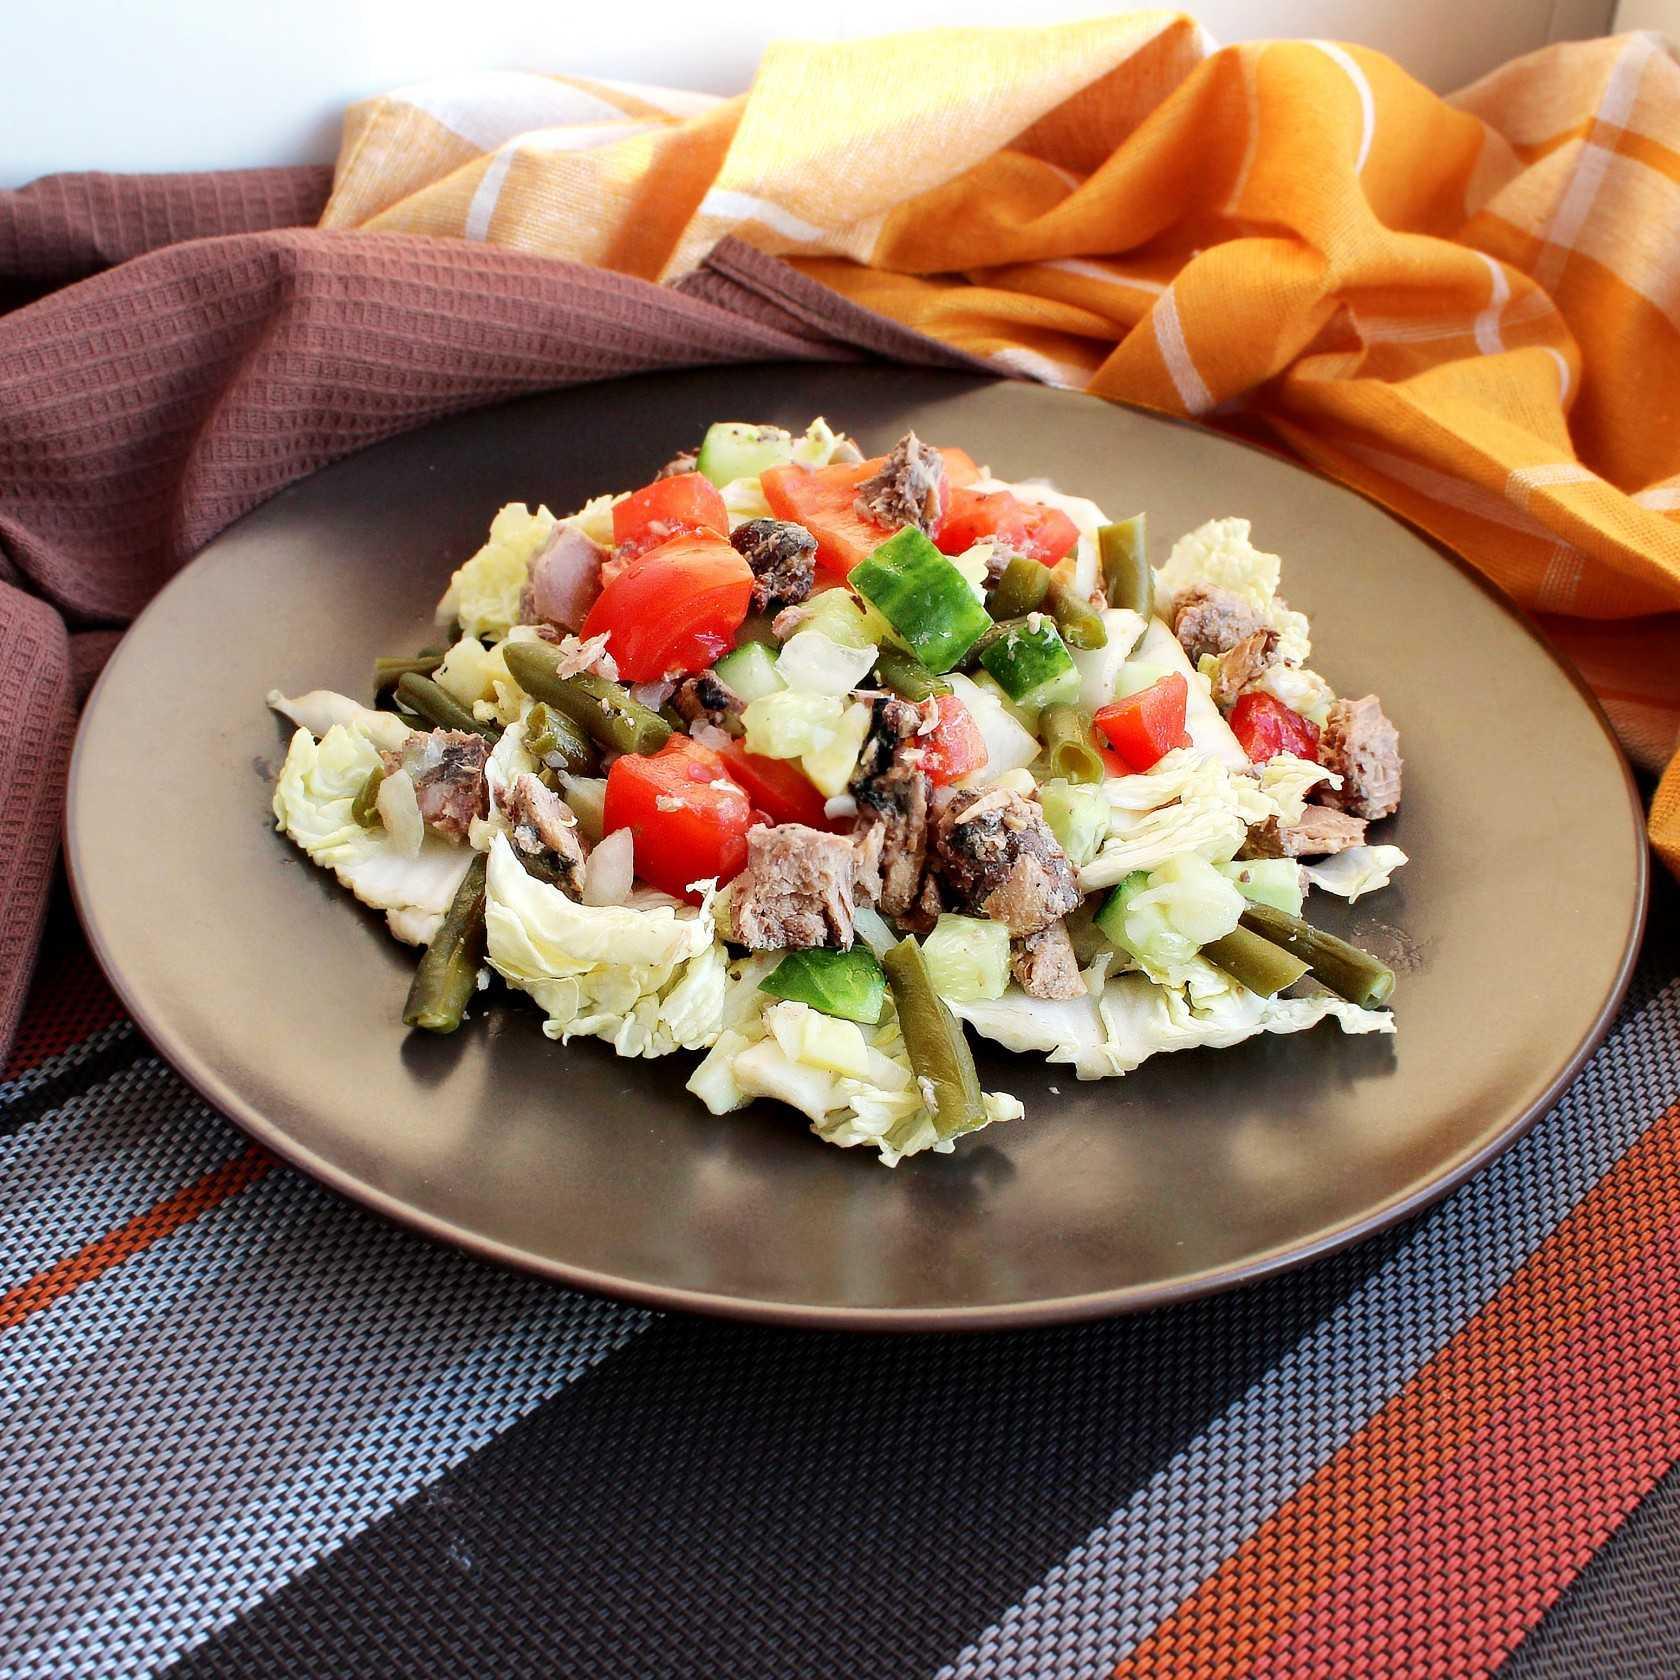 Салат с тунцом консервированным – топ лучших рецептов, самые вкусные и быстрые + фото